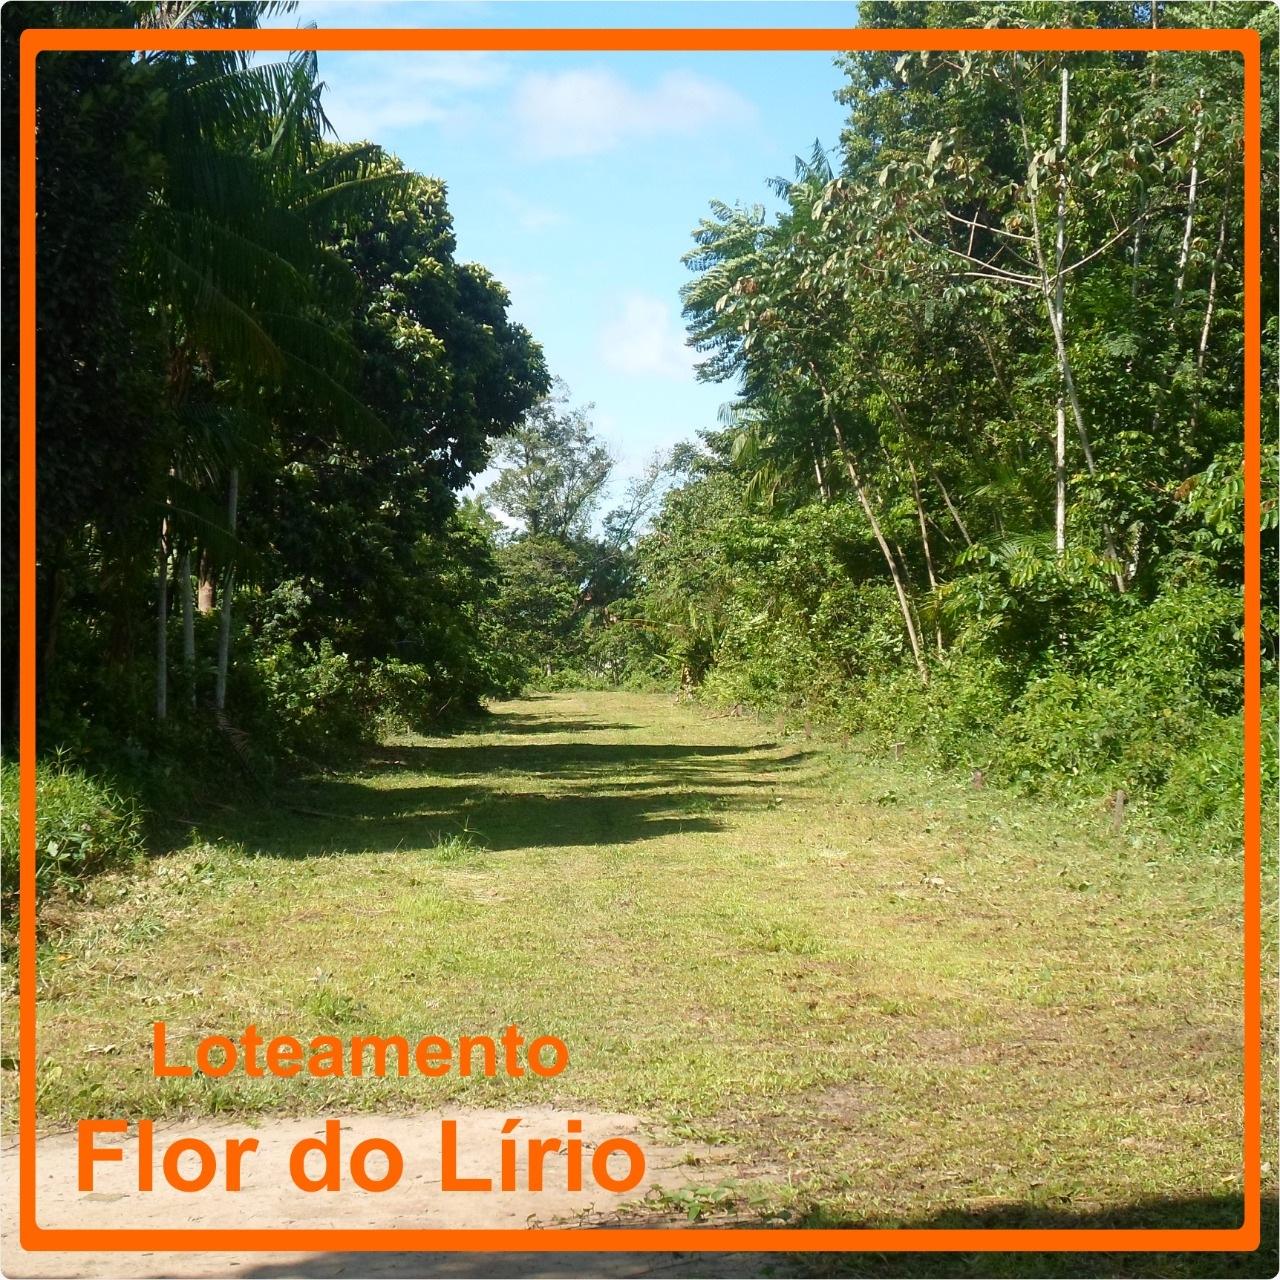 Poupança-ou-Terrenos?-Aplicar-Loteamento-Flor-do-Lirio-Terrenos-lotes-Parreira Corretor-em-Ananindeua-Pará